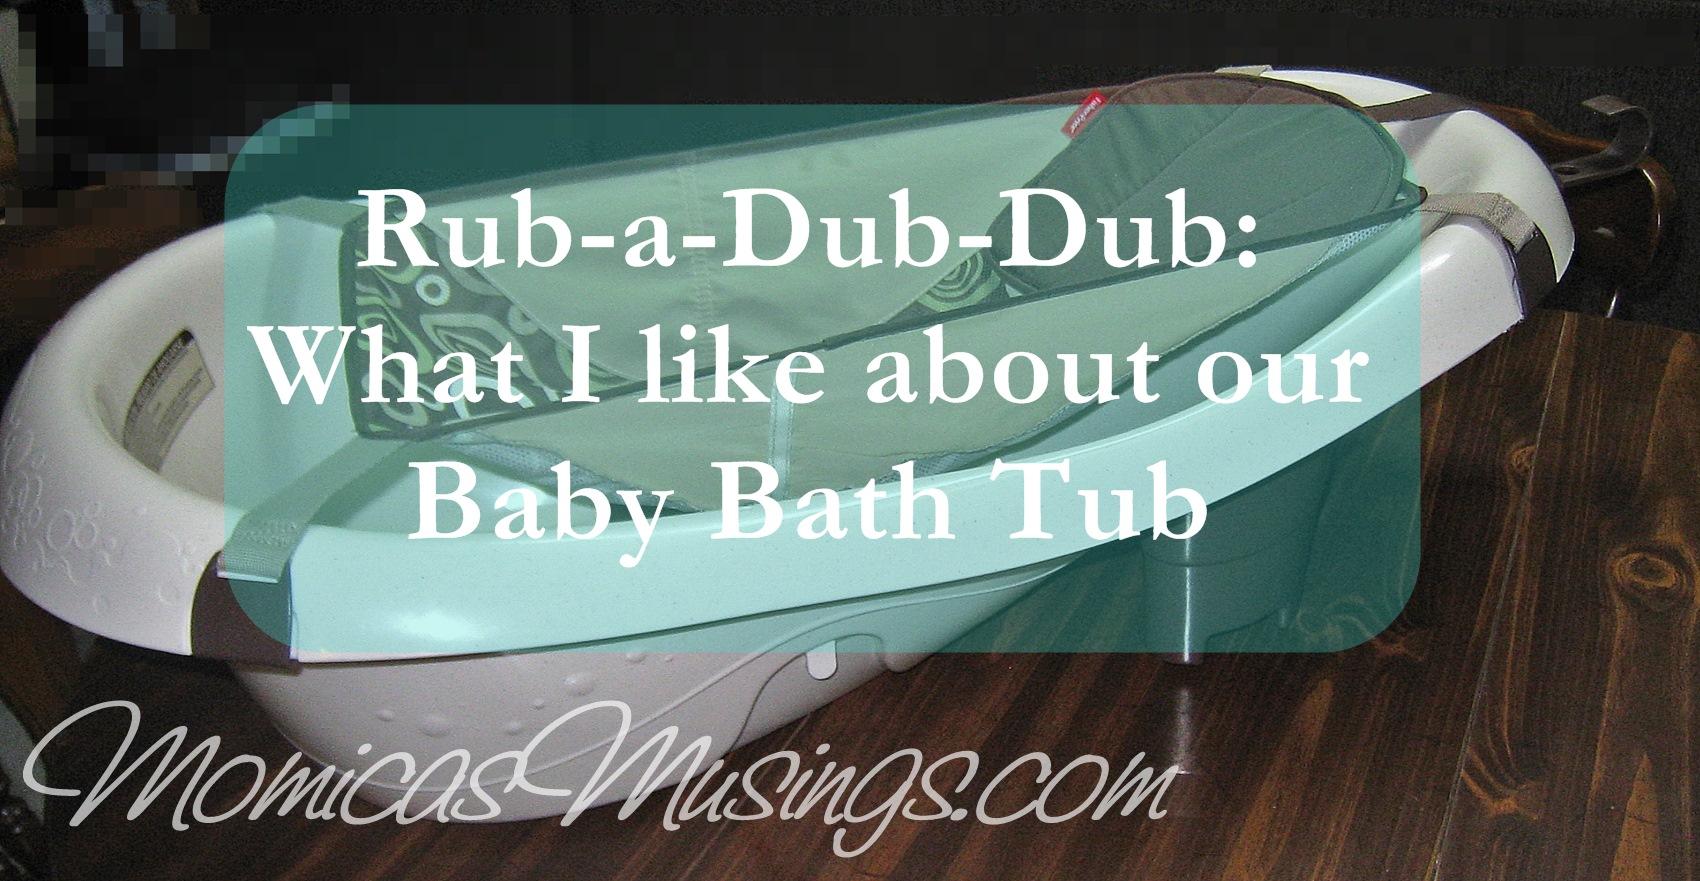 Amazing Tub Paint Tall How To Paint A Bathtub Regular Paint Bathtub Painting A Bathtub Old Painting Bathtub Black Bath Refinishing Service